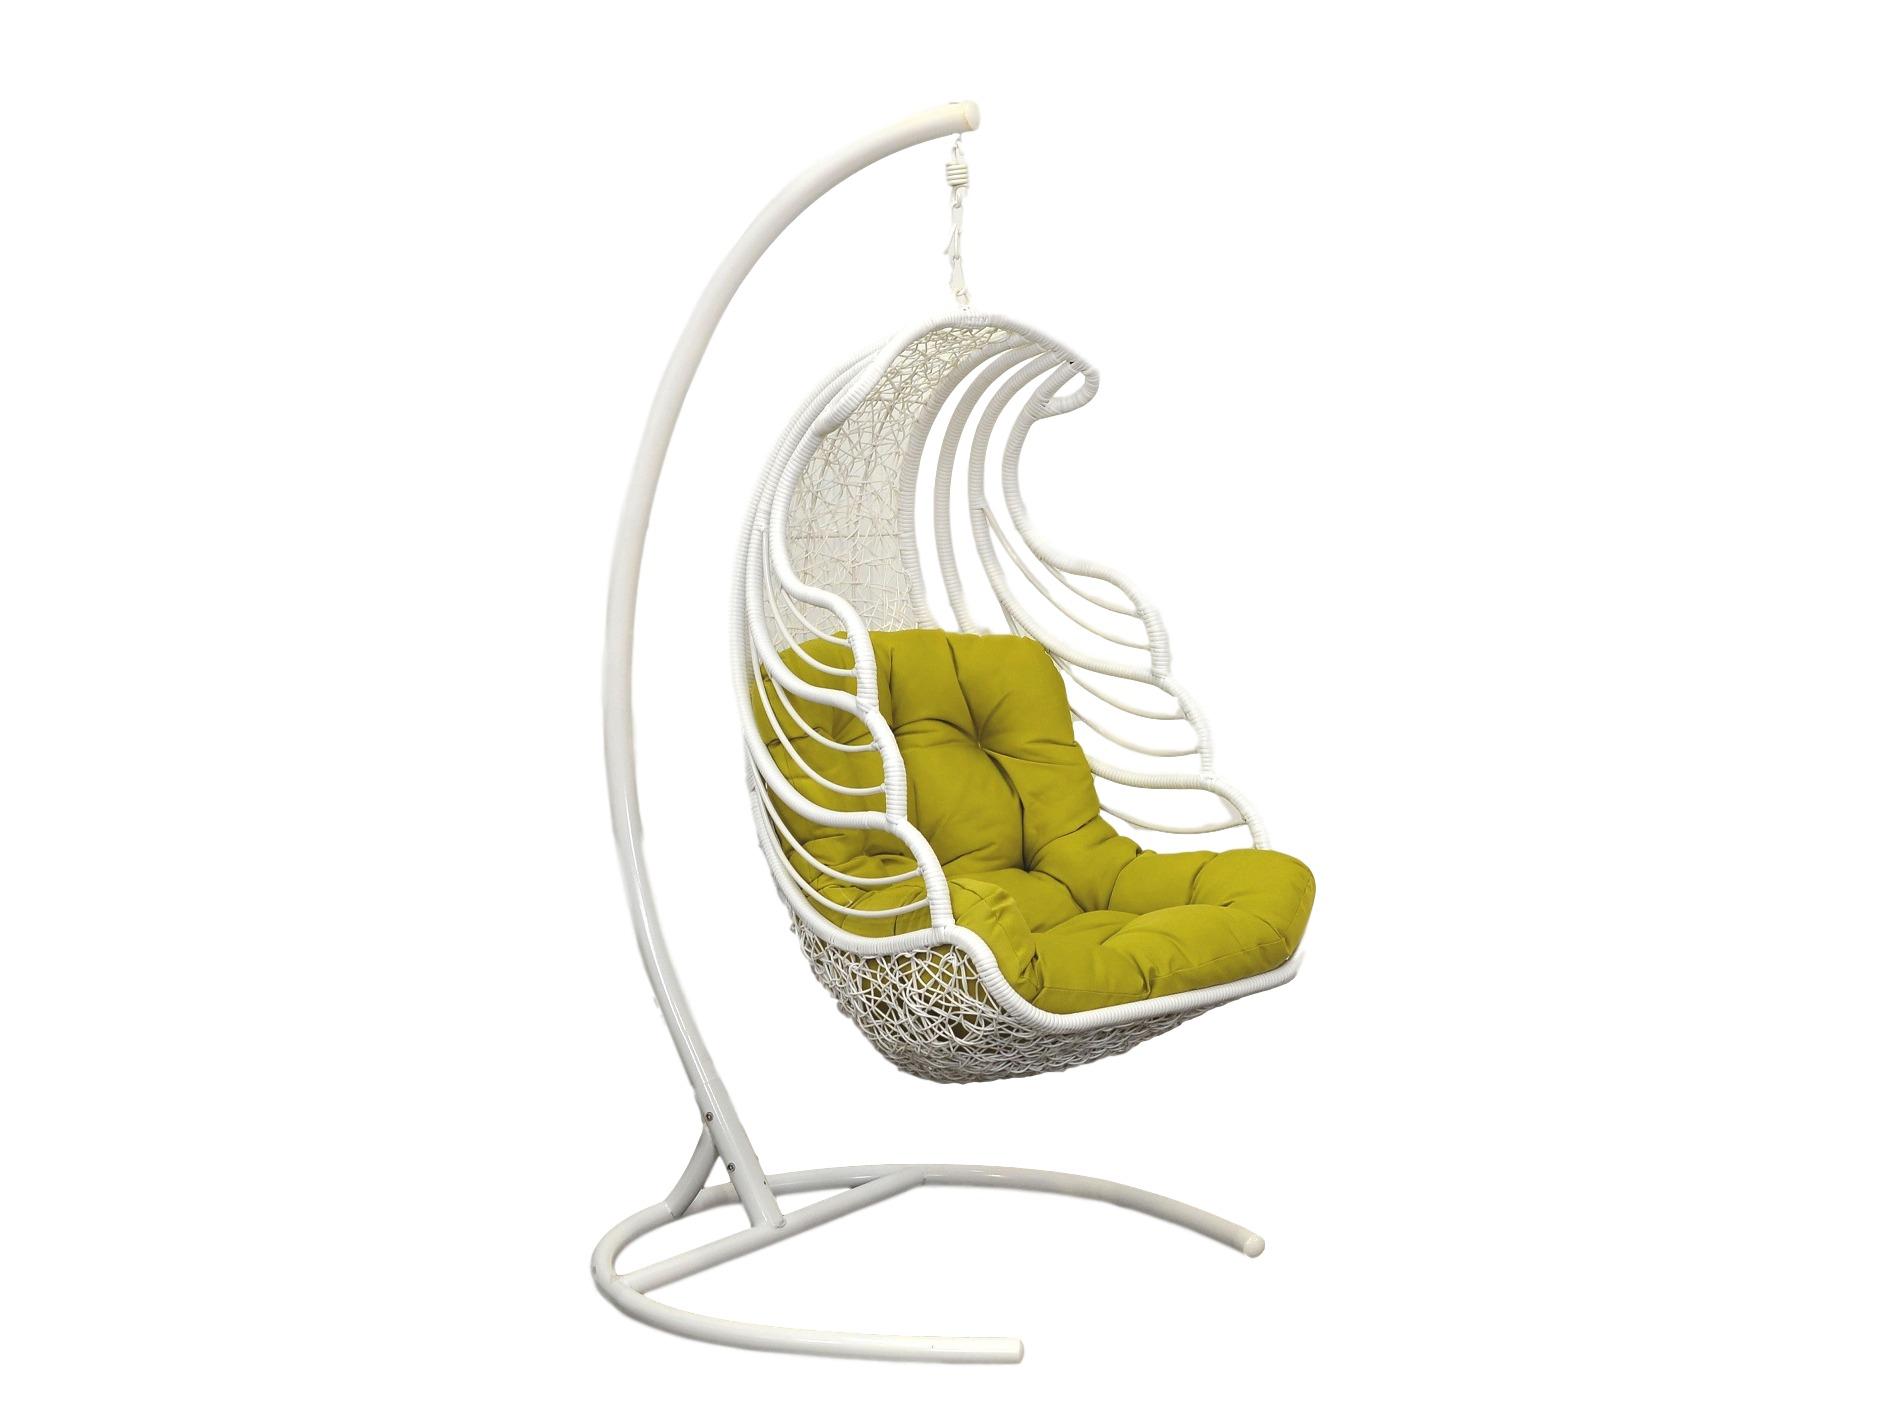 Кресло подвесное ShellПодвесные кресла<br>Подвесное кресло Shell  выполнено из искусственного ротанга высокого качества. Искусственный ротанг круглой формы, что делает его очень похожим на натуральный ротанговый прут. Каркас опоры и самого кресла покрыт прочной, устойчивой к внешним воздействиям, порошковой краской. А мягкие подушки выполнены из водоотталкивающего материала. Основа кресла выполнена из стали, благодаря чему подвесное кресло может выдерживать вес до 120 кг. Когда Вы сидите  в кресле, общая нагрузка приходится не на ажурное плетение, а именно на металлический каркас.Материал каркаса: сталь.&amp;amp;nbsp;&amp;lt;div&amp;gt;&amp;lt;br&amp;gt;&amp;lt;/div&amp;gt;&amp;lt;div&amp;gt;Выдерживаемая нагрузка: 120 кг.&amp;amp;nbsp;&amp;lt;/div&amp;gt;&amp;lt;div&amp;gt;Вес: 35 кг.&amp;amp;nbsp;&amp;lt;/div&amp;gt;&amp;lt;div&amp;gt;Конструкция кресла: сборно-разборное. Кресло состоит из трех частей: основание, опора и чаша. Сборка не требует специальных навыков.&amp;lt;/div&amp;gt;<br><br>Material: Ротанг<br>Width см: 74<br>Depth см: 80<br>Height см: 126